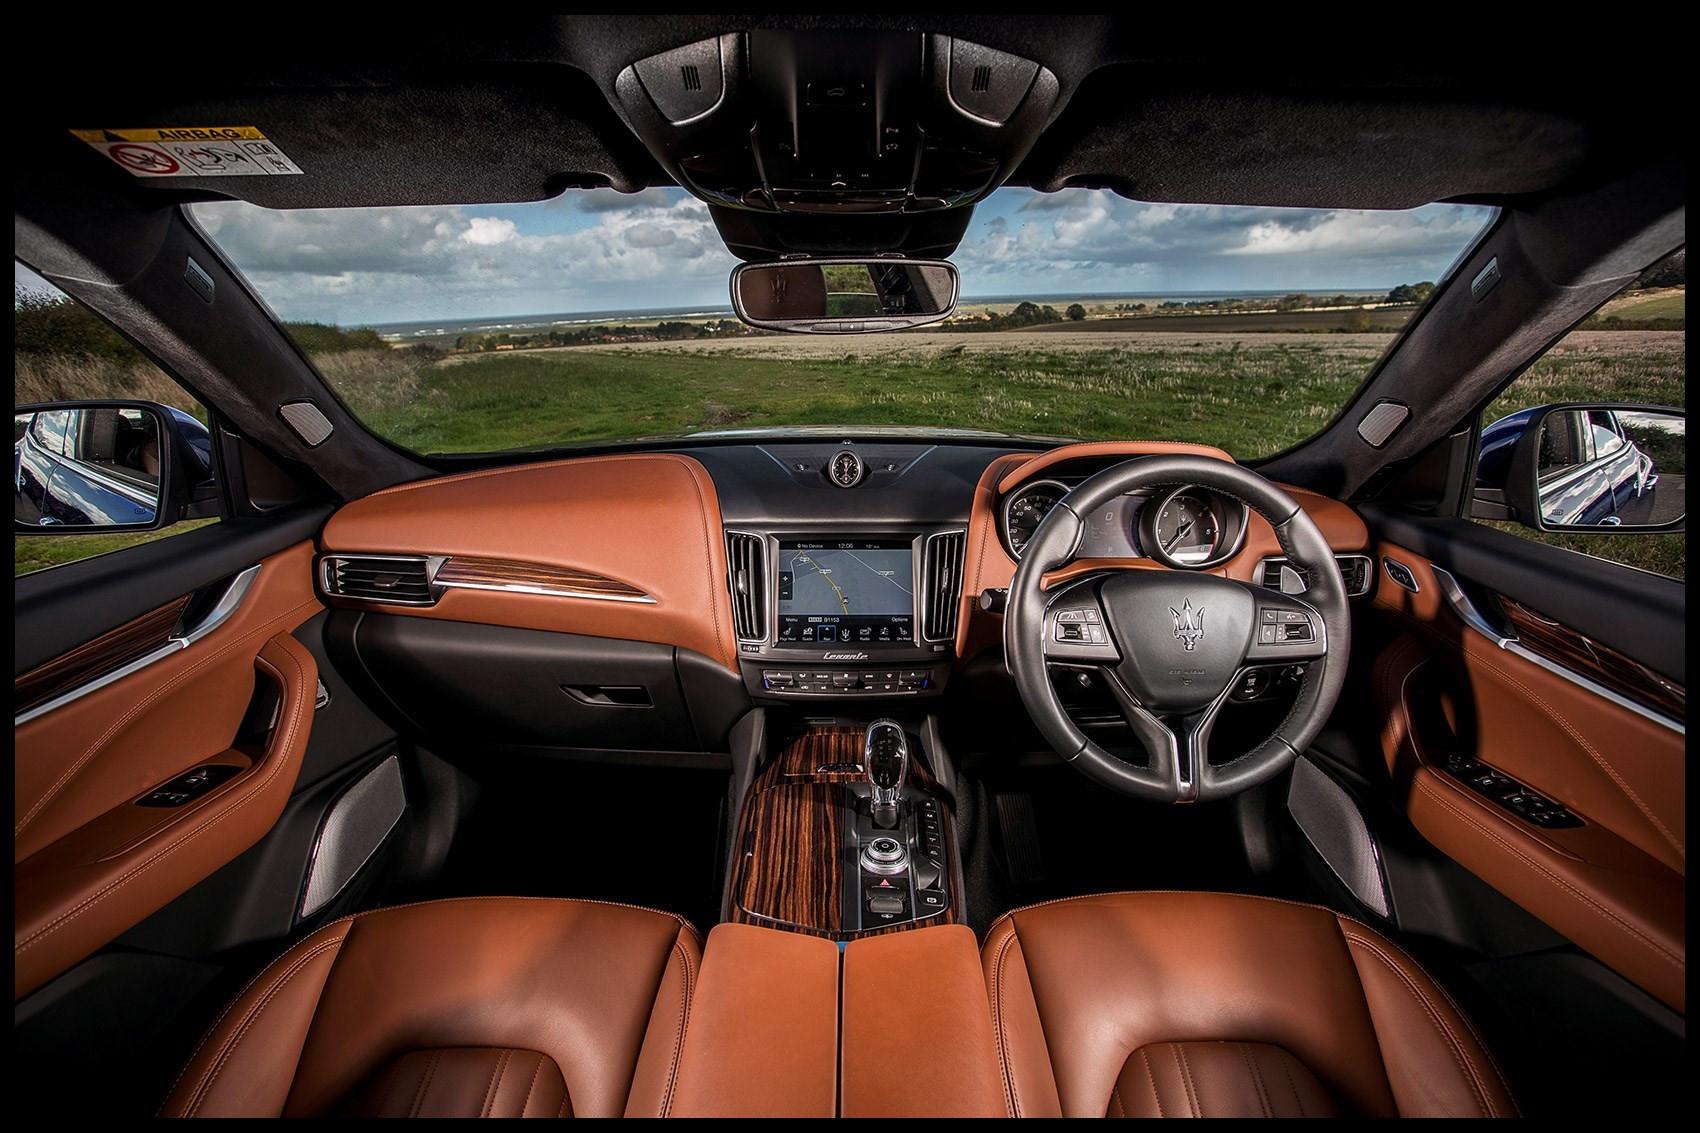 Bmw Service Department Unique Maserati Levante Vs Jaguar F Pace Vs Bmw X5 2017 Review